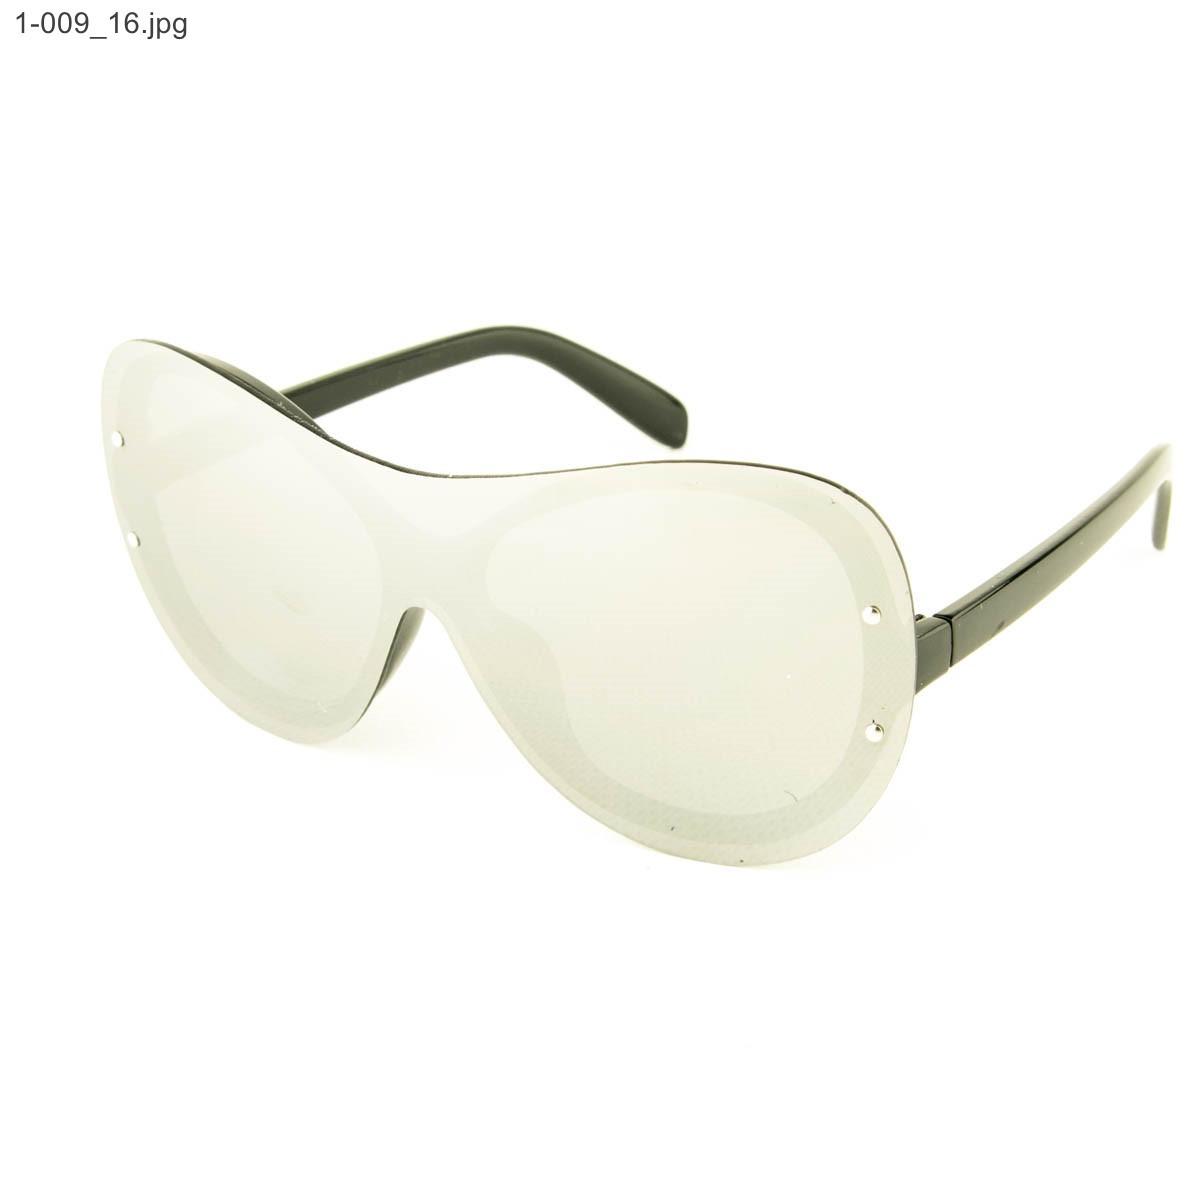 Качественные стильные солнцезащитные очки - Чёрные с зеркальной линзой - 1-009